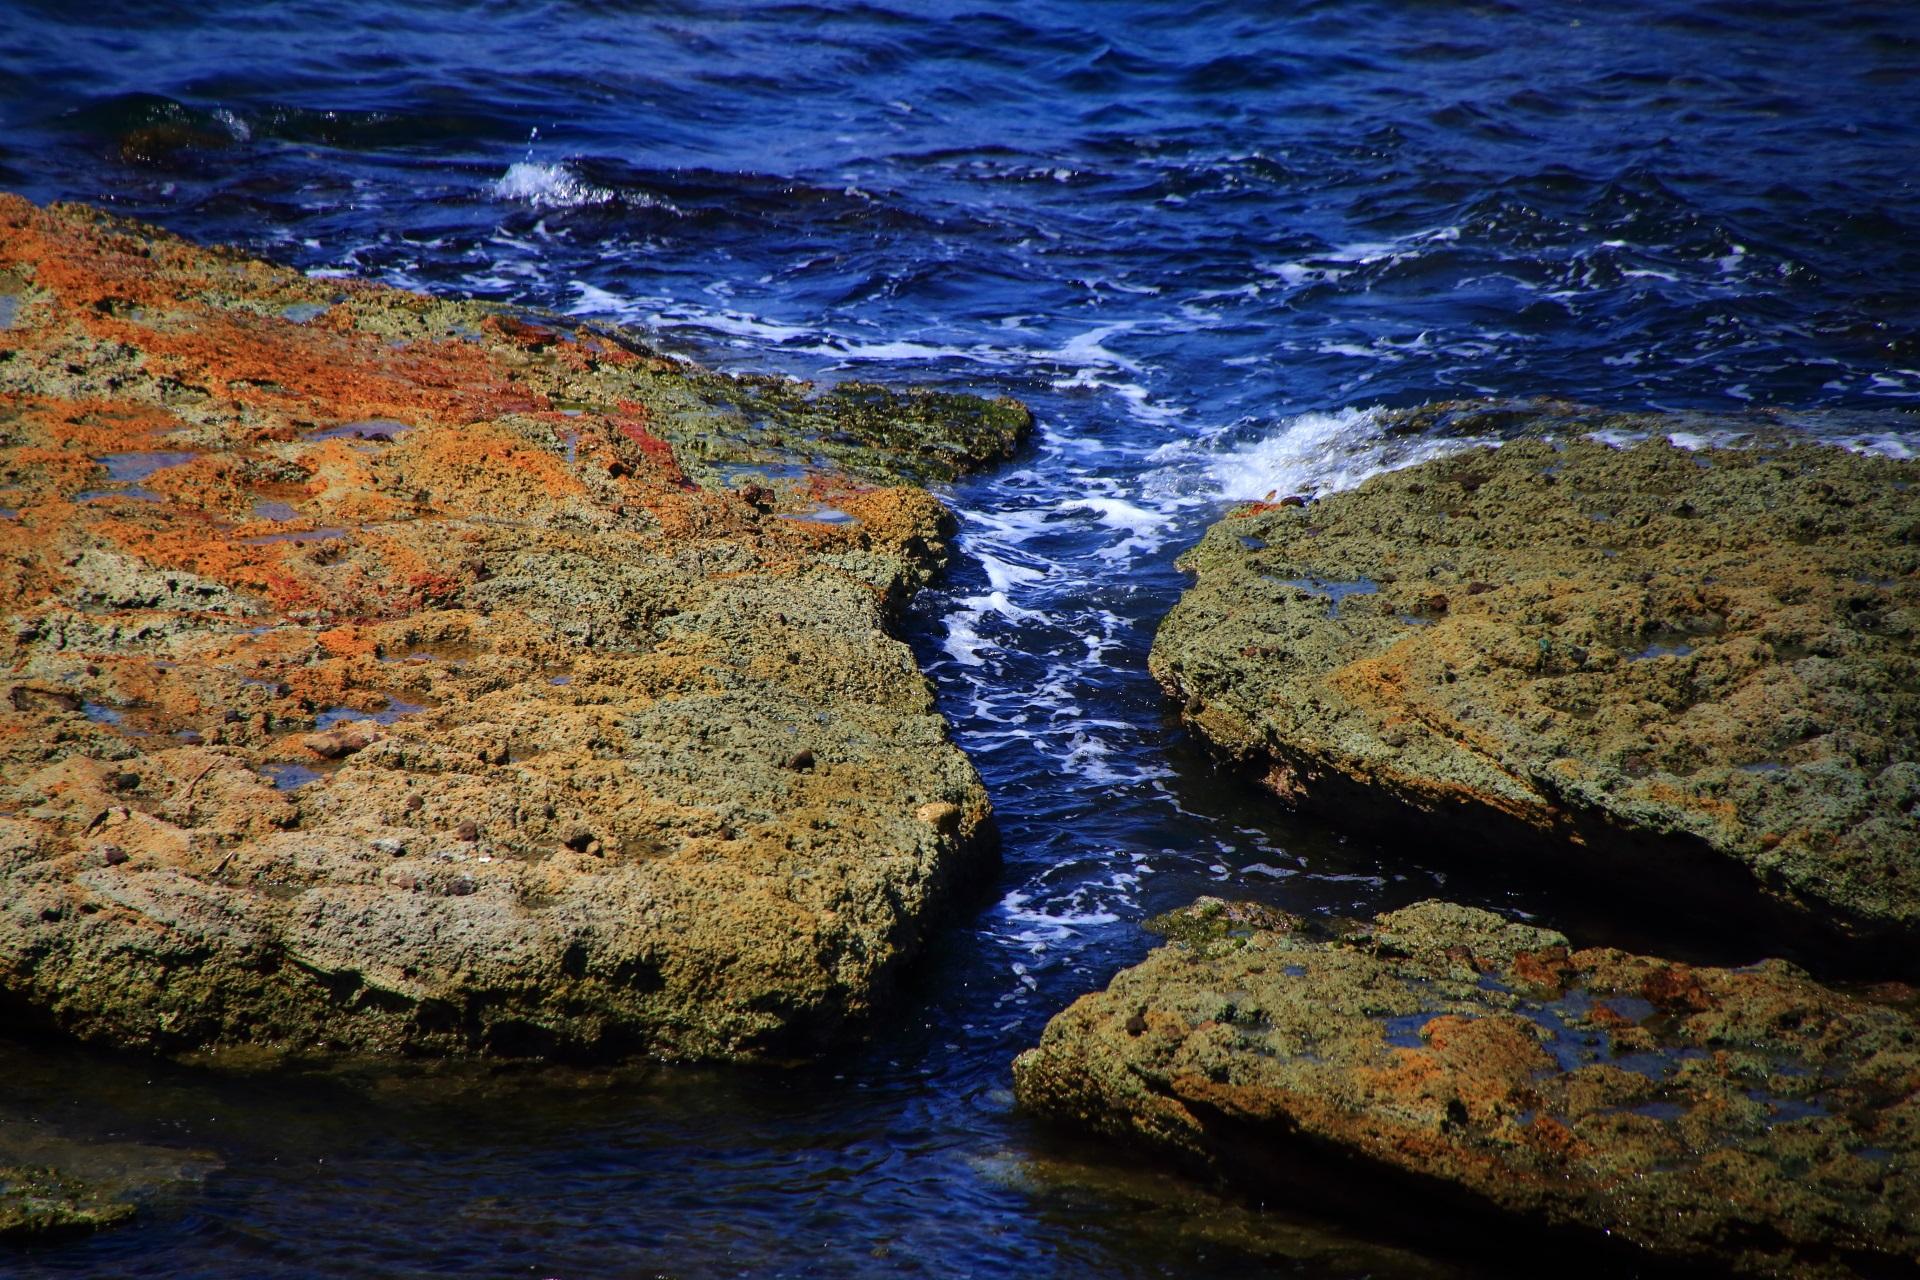 岩の表面がいろんな色をしている五色浜の岩場